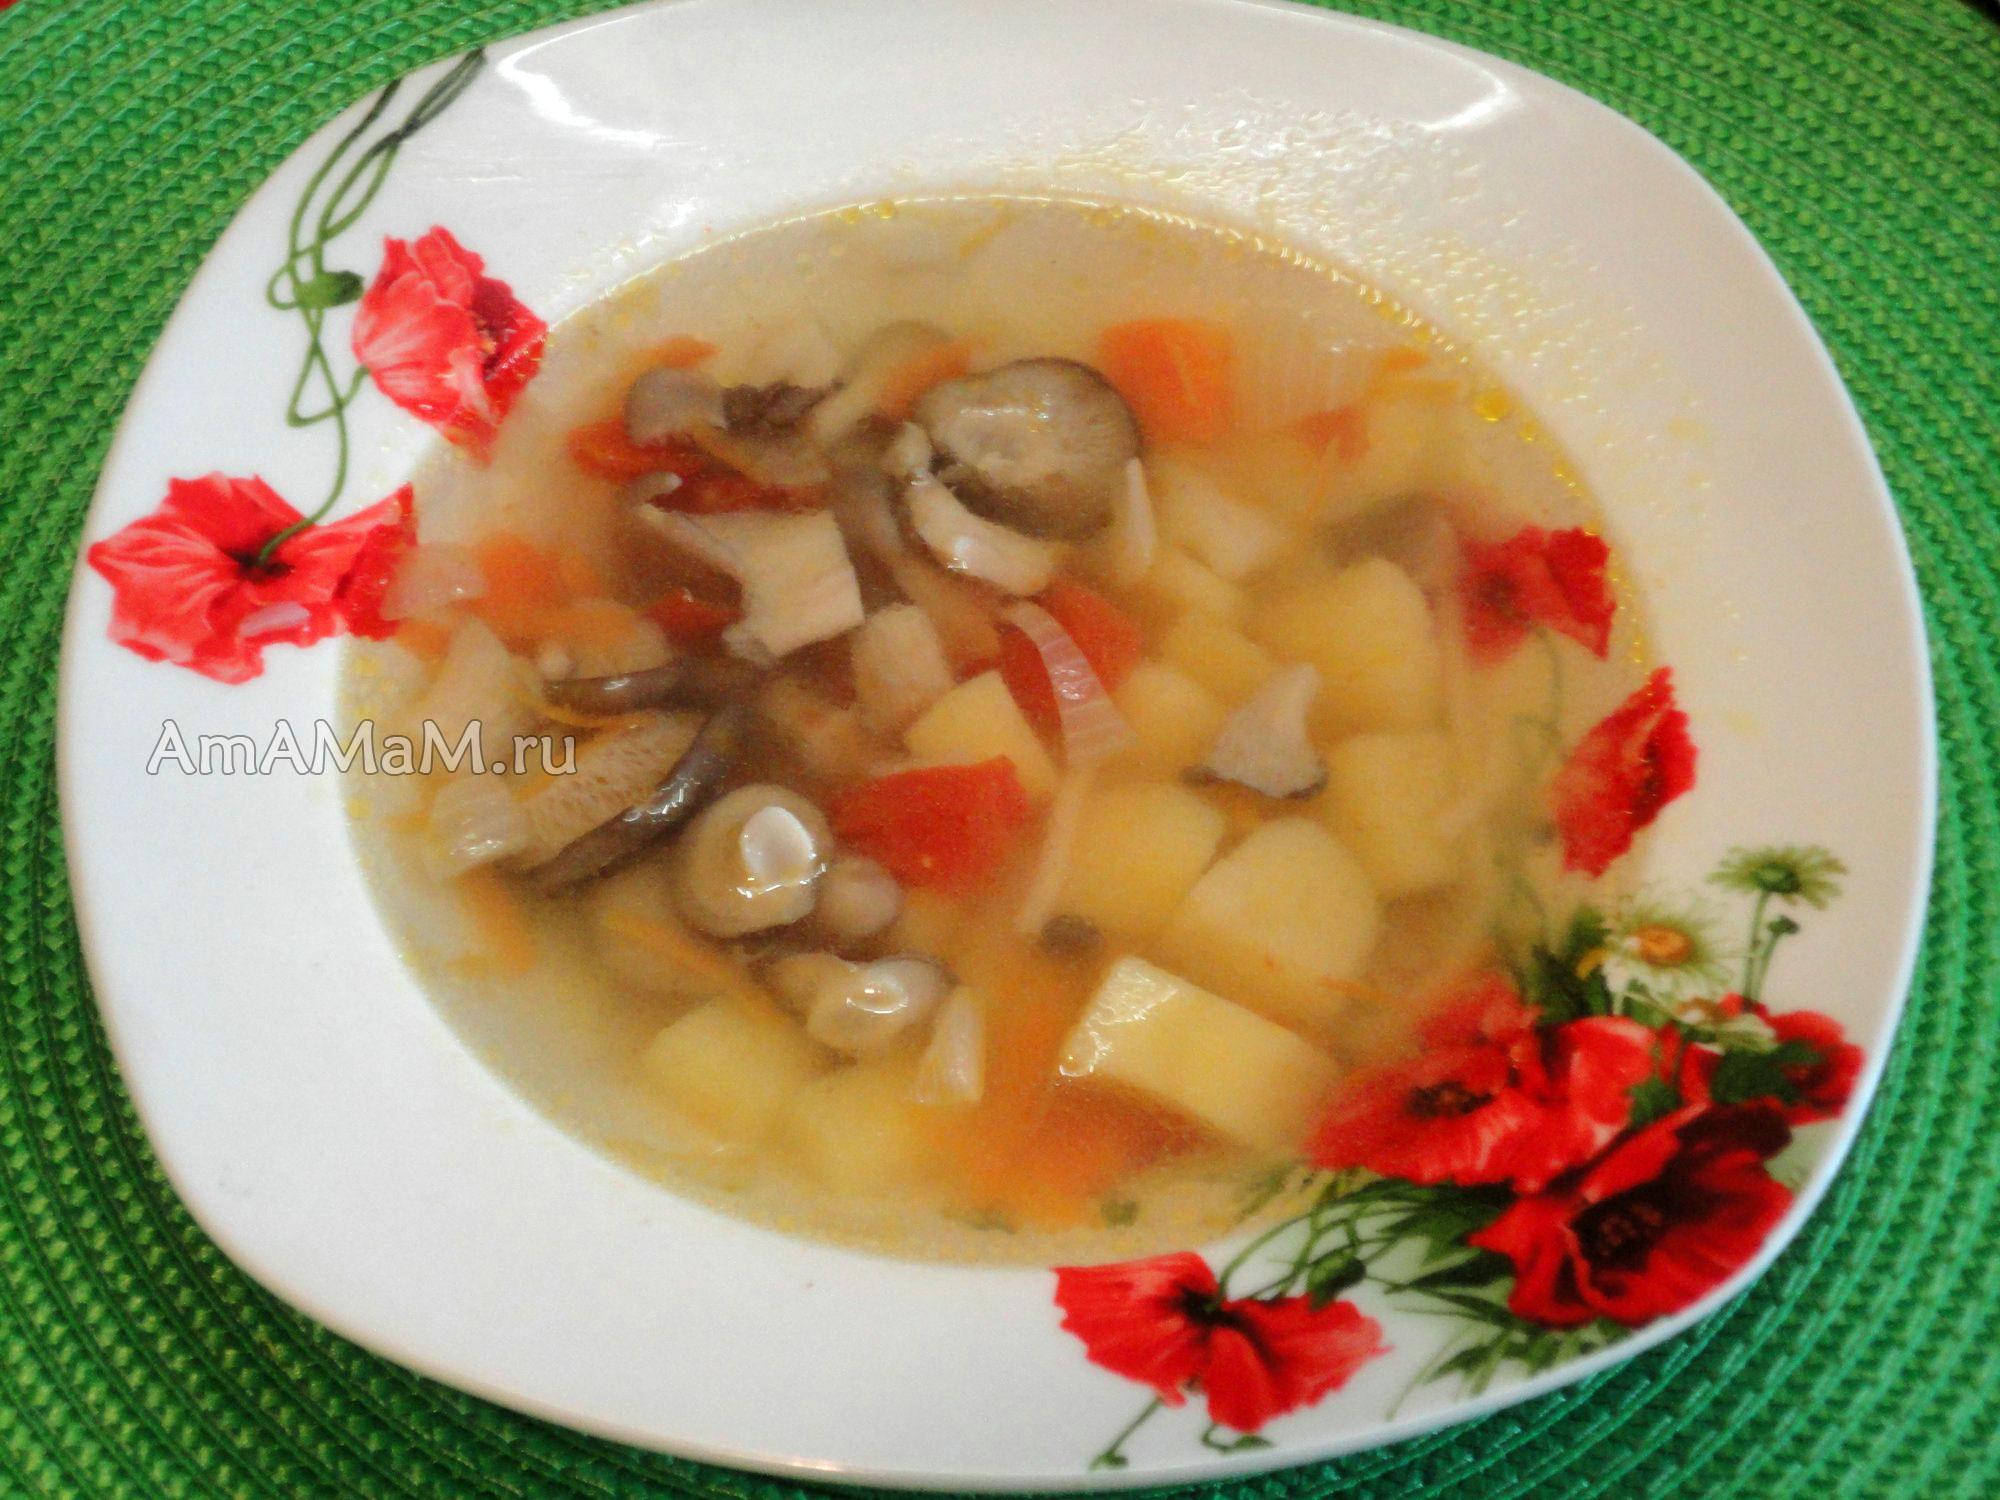 вкусный суп с вешенками рецепт с фото